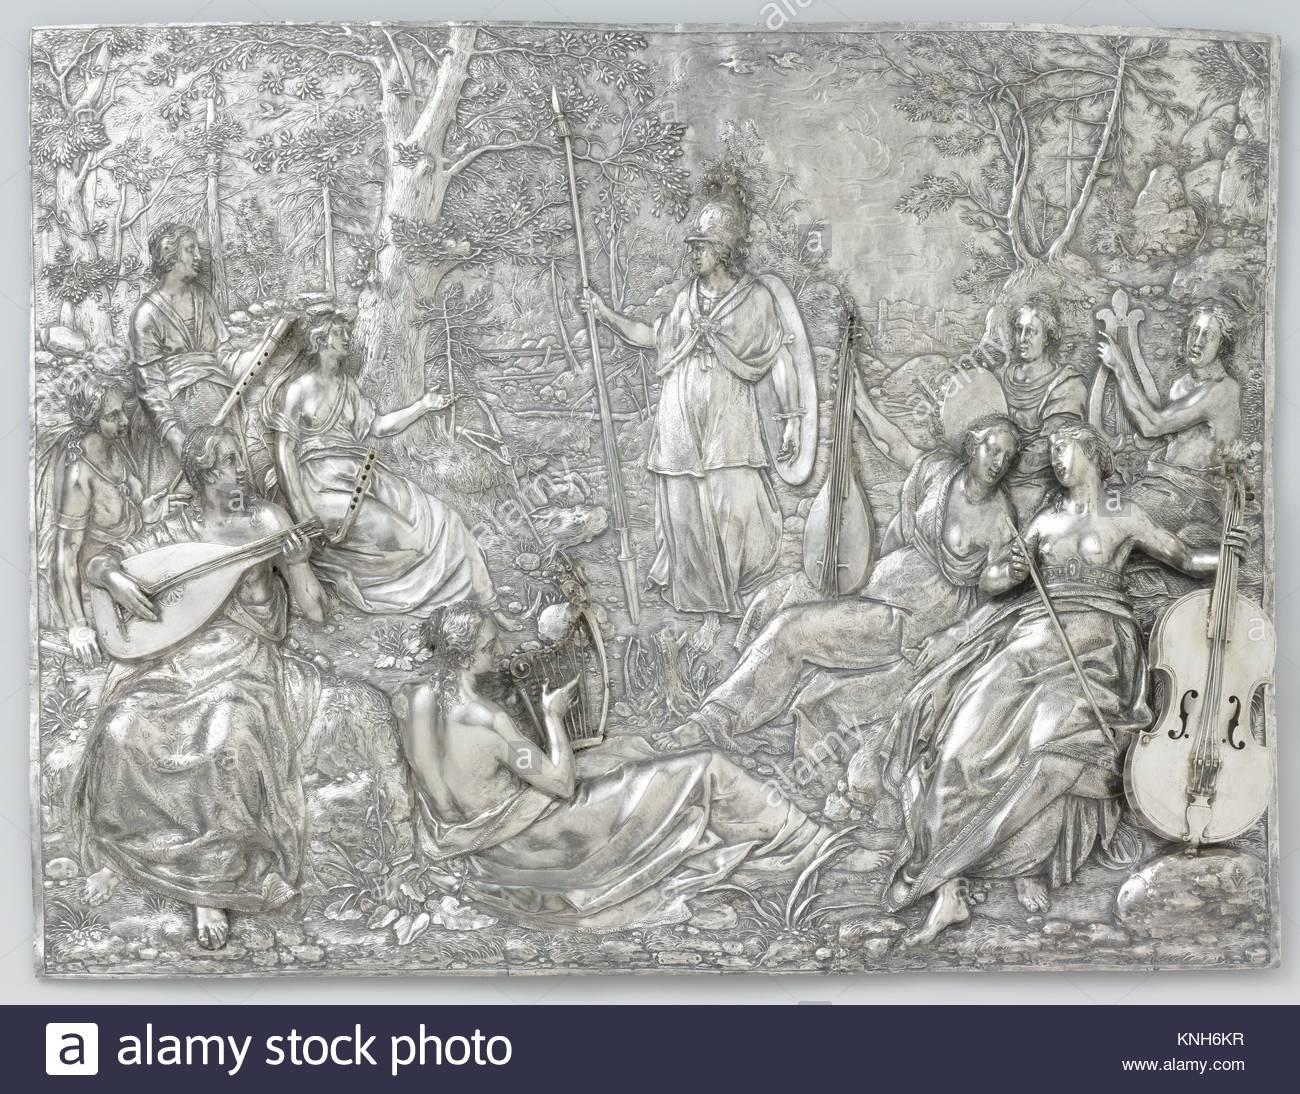 Minerva and the Muses, Paulus Willemsz. van Vianen, 1604 - Stock Image